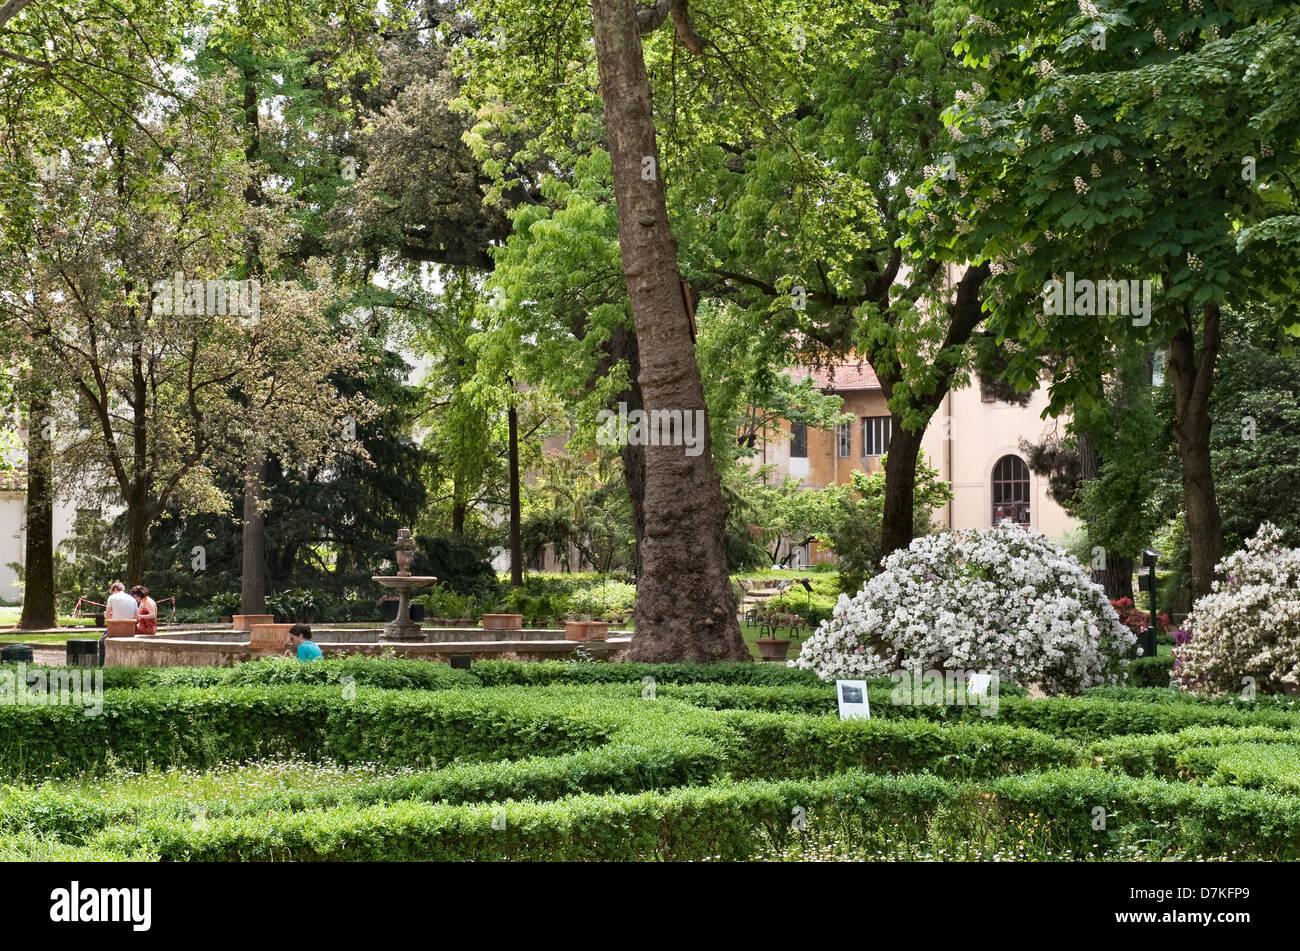 Der botanische garten orto botanico di firenze florenz italien